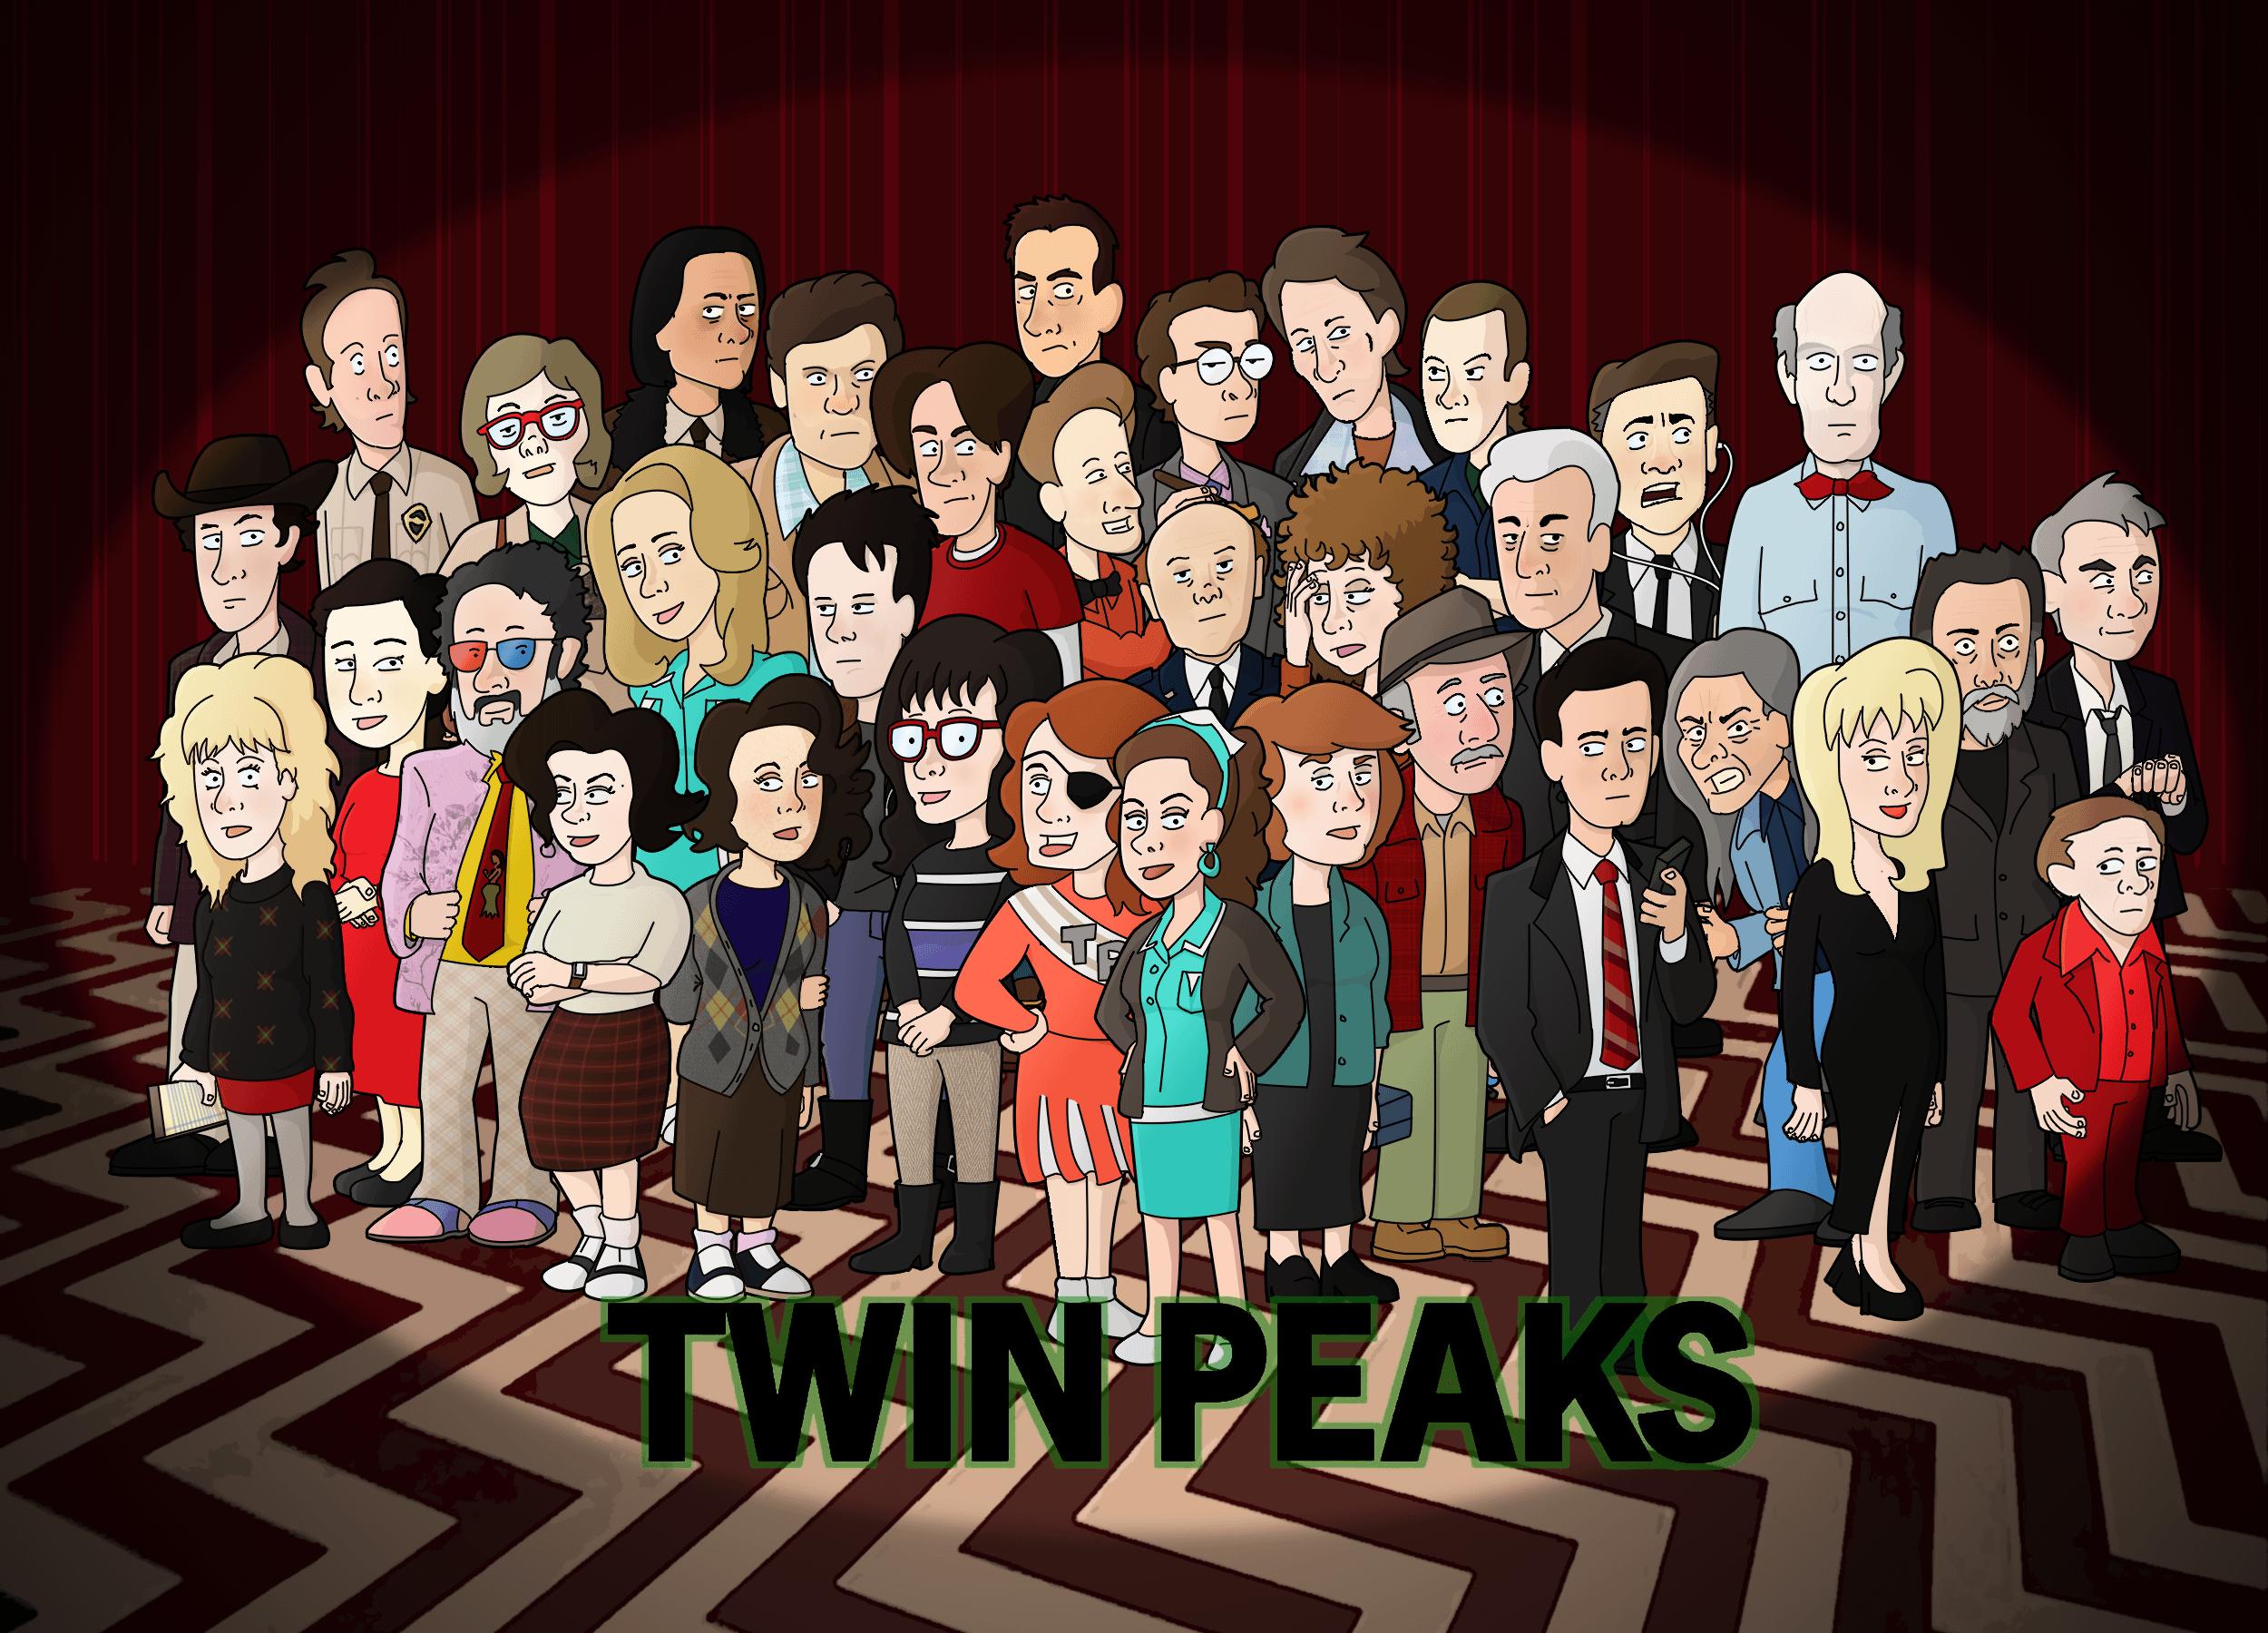 Twin Peaks Cast as Cartoon Characters HD Wallpaper ...